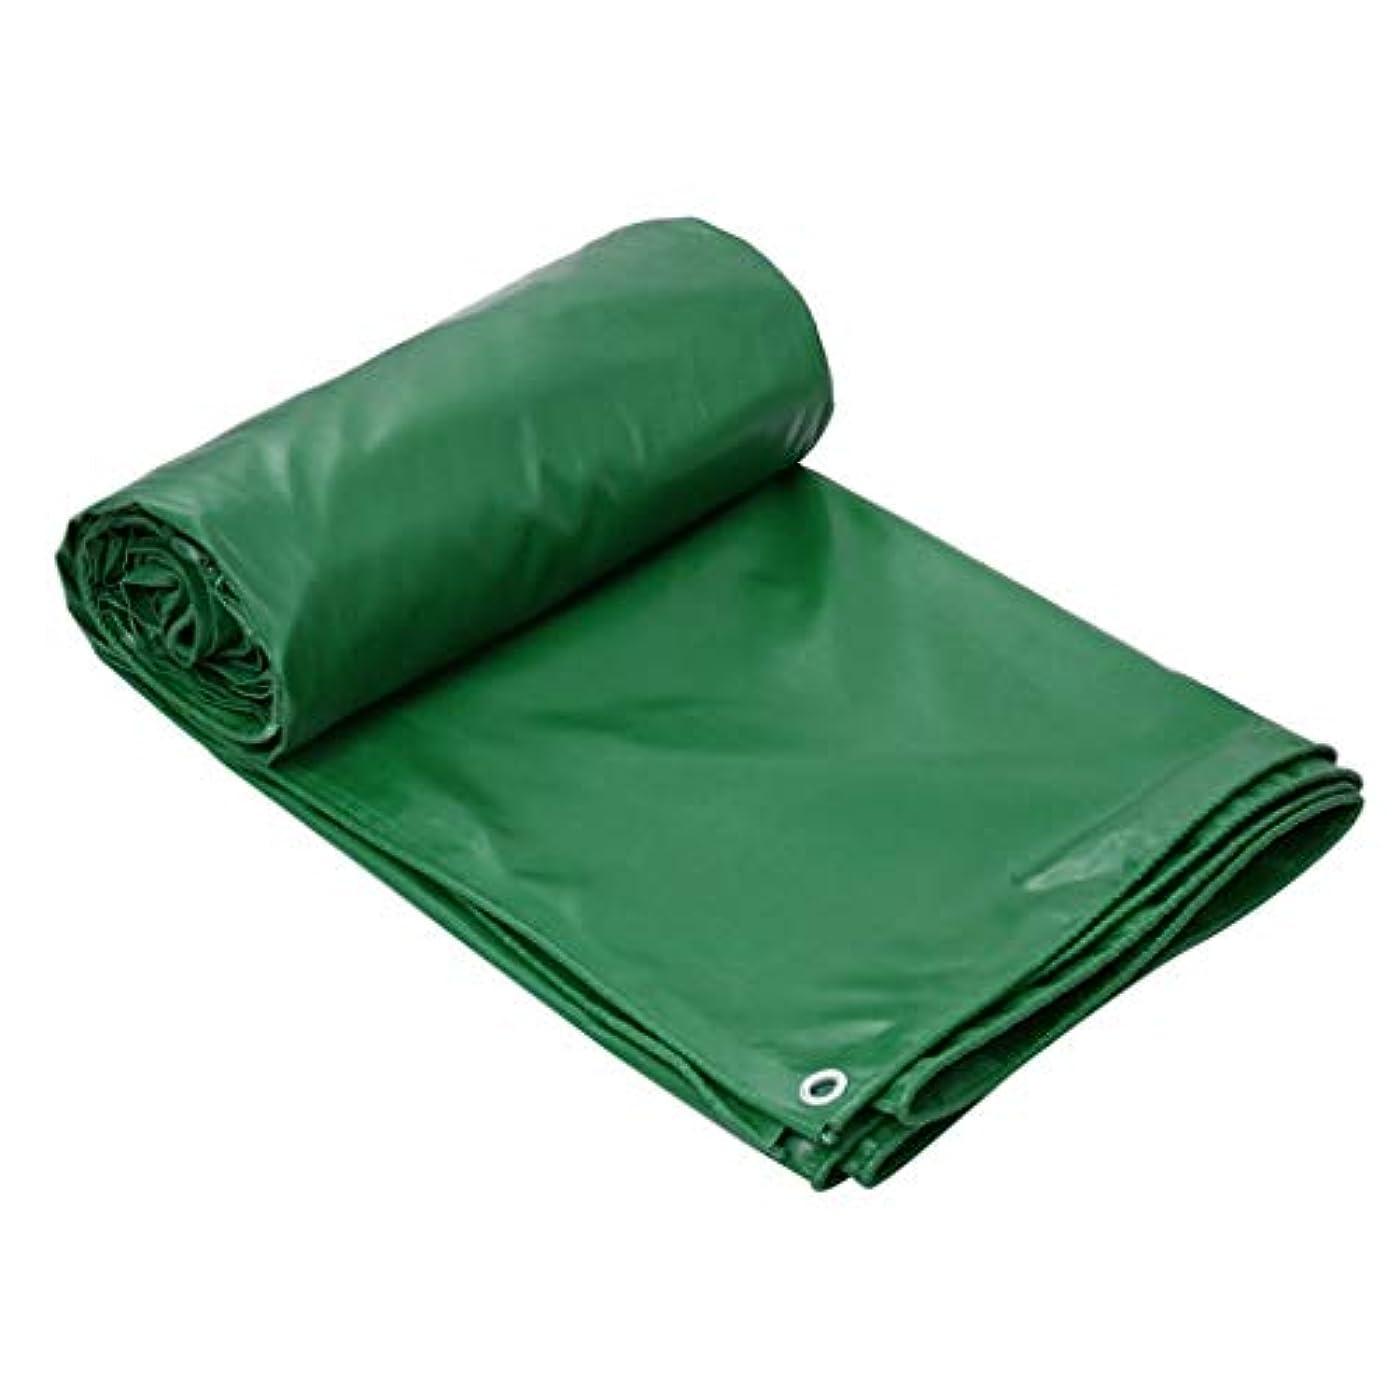 プラットフォーム霧コカインJuexianggou 防水シート緑の雨布防水雨布車のトラック防水シート布、厚さ0.5 mm、450 g/m 2、キャンプアウトドア旅行の9サイズのオプション 防水テントタープ